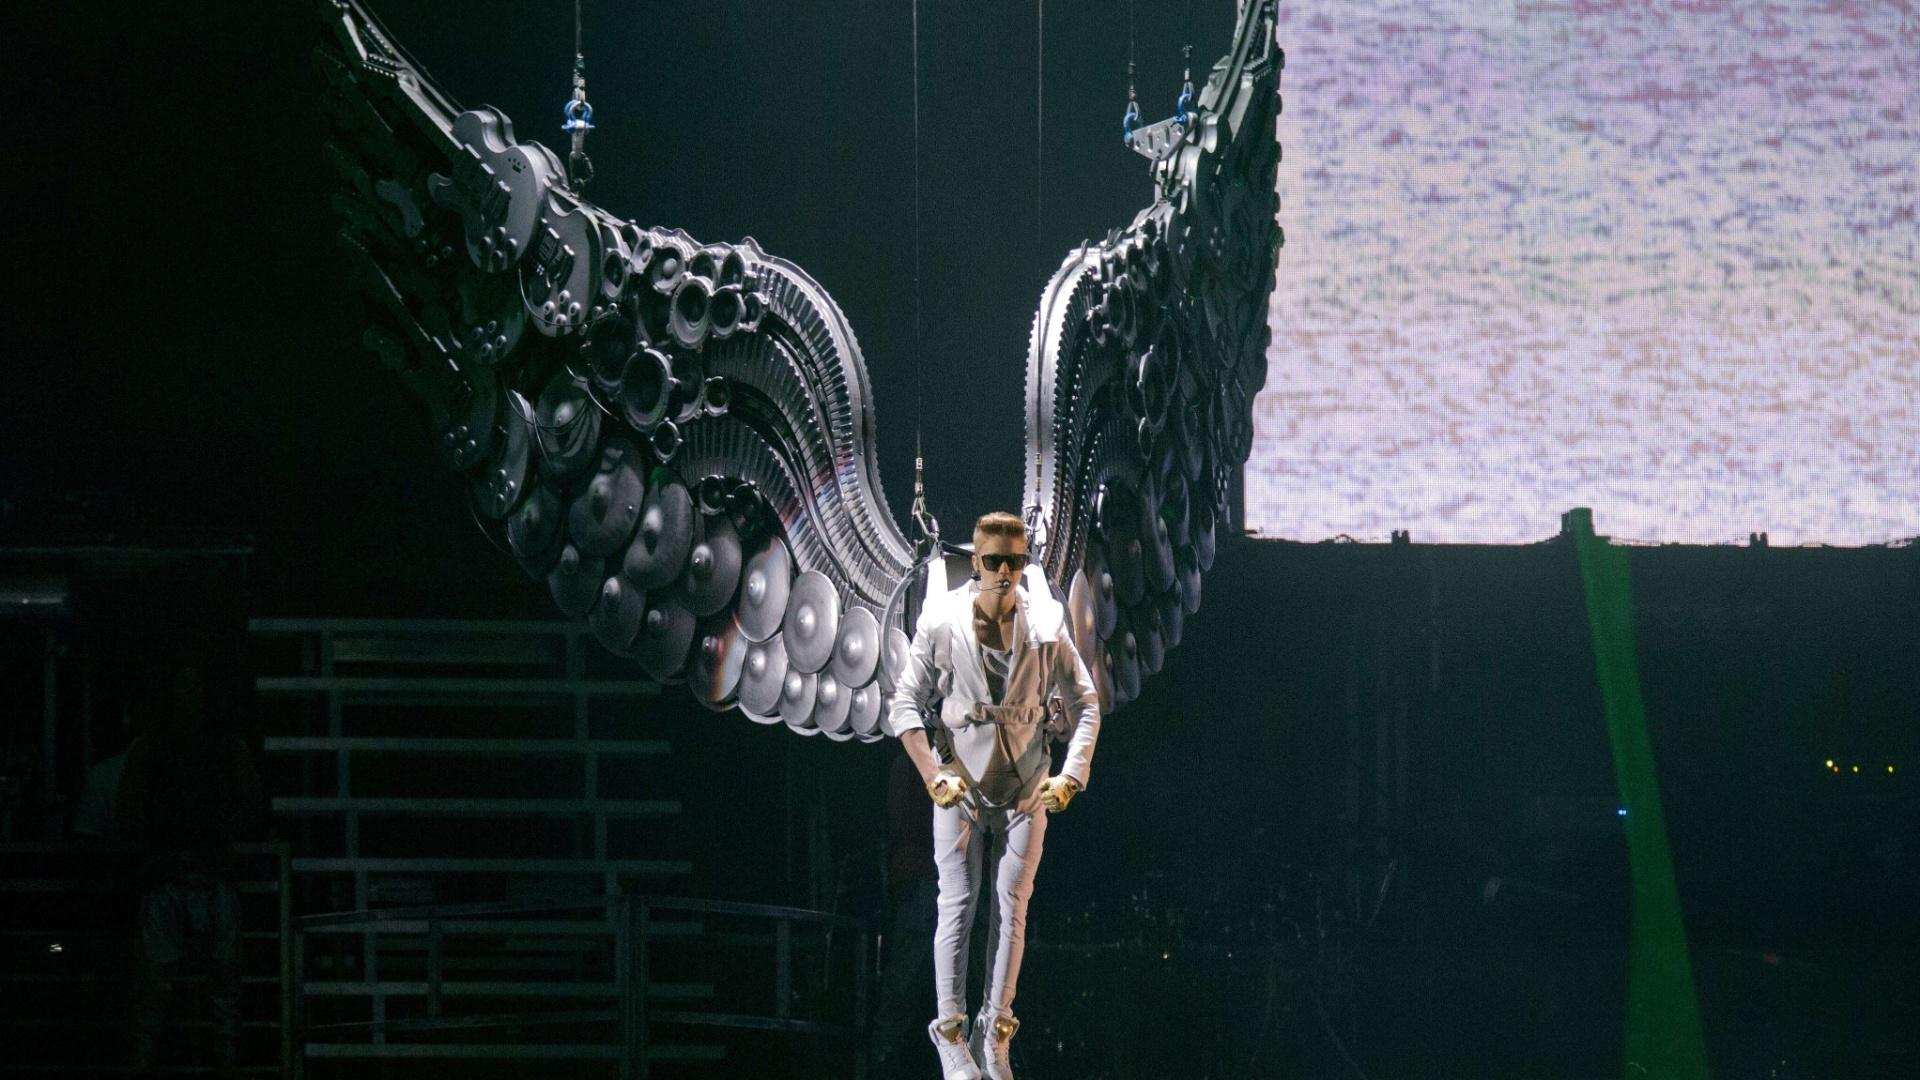 16.abr.2013 - Justin Bieber abre show na Telenor Arena, em Oslo, Noruega, com performance com asas gigantes. As asas são formadas por instrumentos musicais como guitarras e peças como teclas de teclados e pratos de bateria. De branco e óculos escuros, Bieber usa luvas douradas no espetáculo